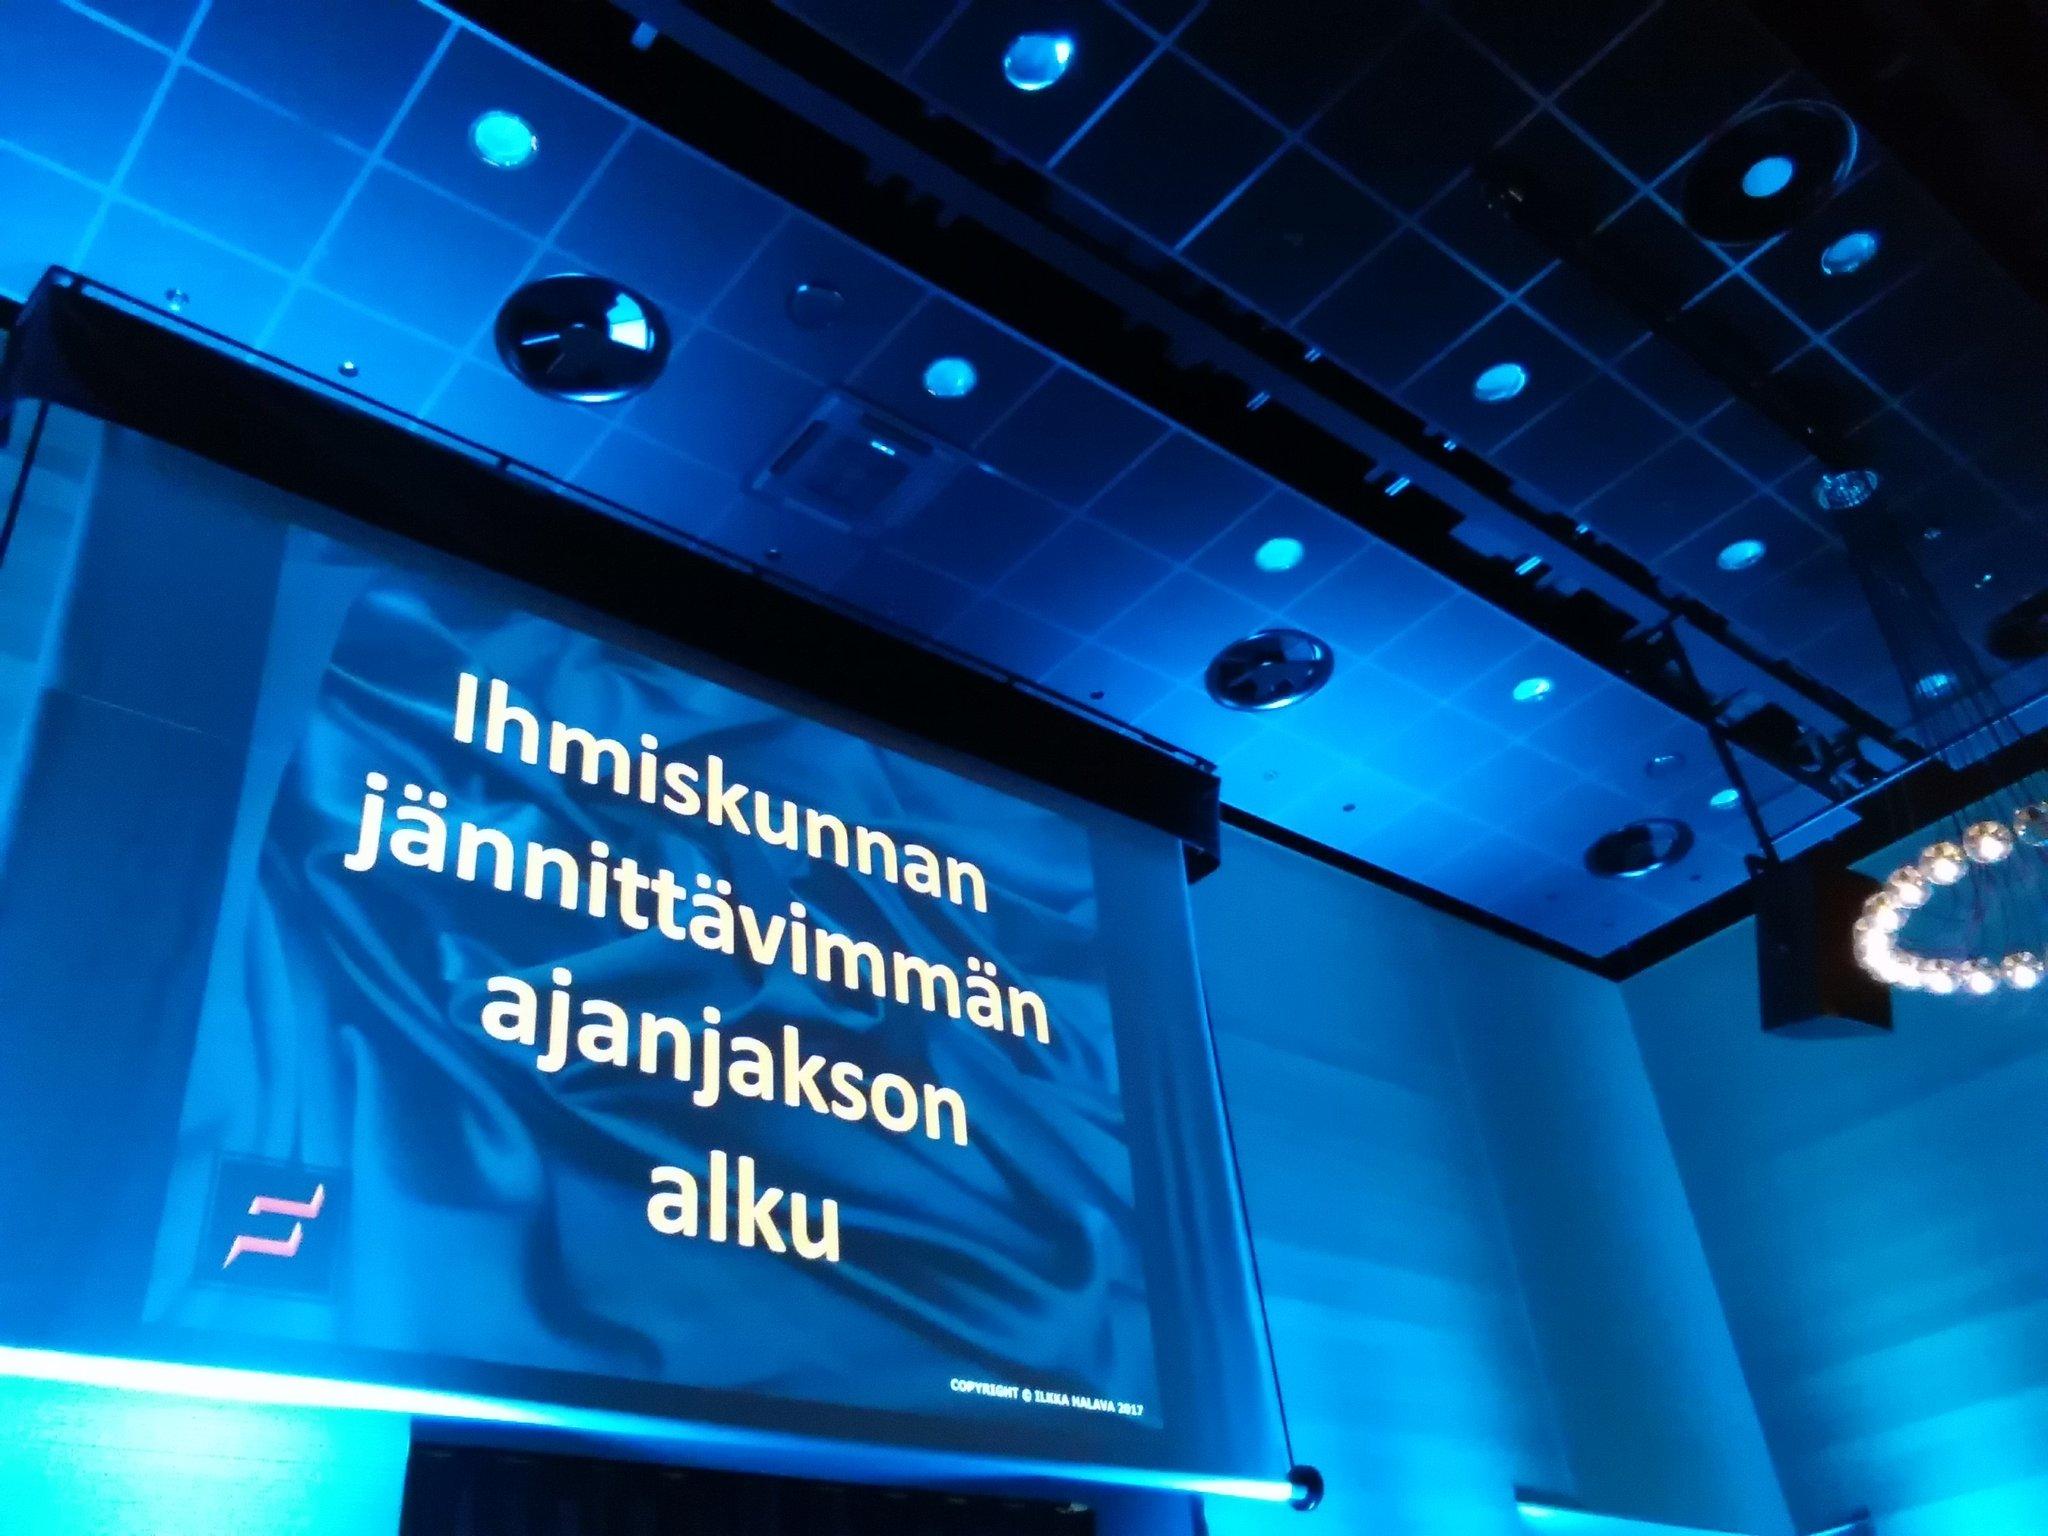 Vuorossa @IlkkaHalava, joka haluaa tarjota meille elämämme parhaan suomenkielisen puolituntisen. Elämme murrosaikaa, siistiä! #pinghelsinki https://t.co/9Ax8Npnz2Z